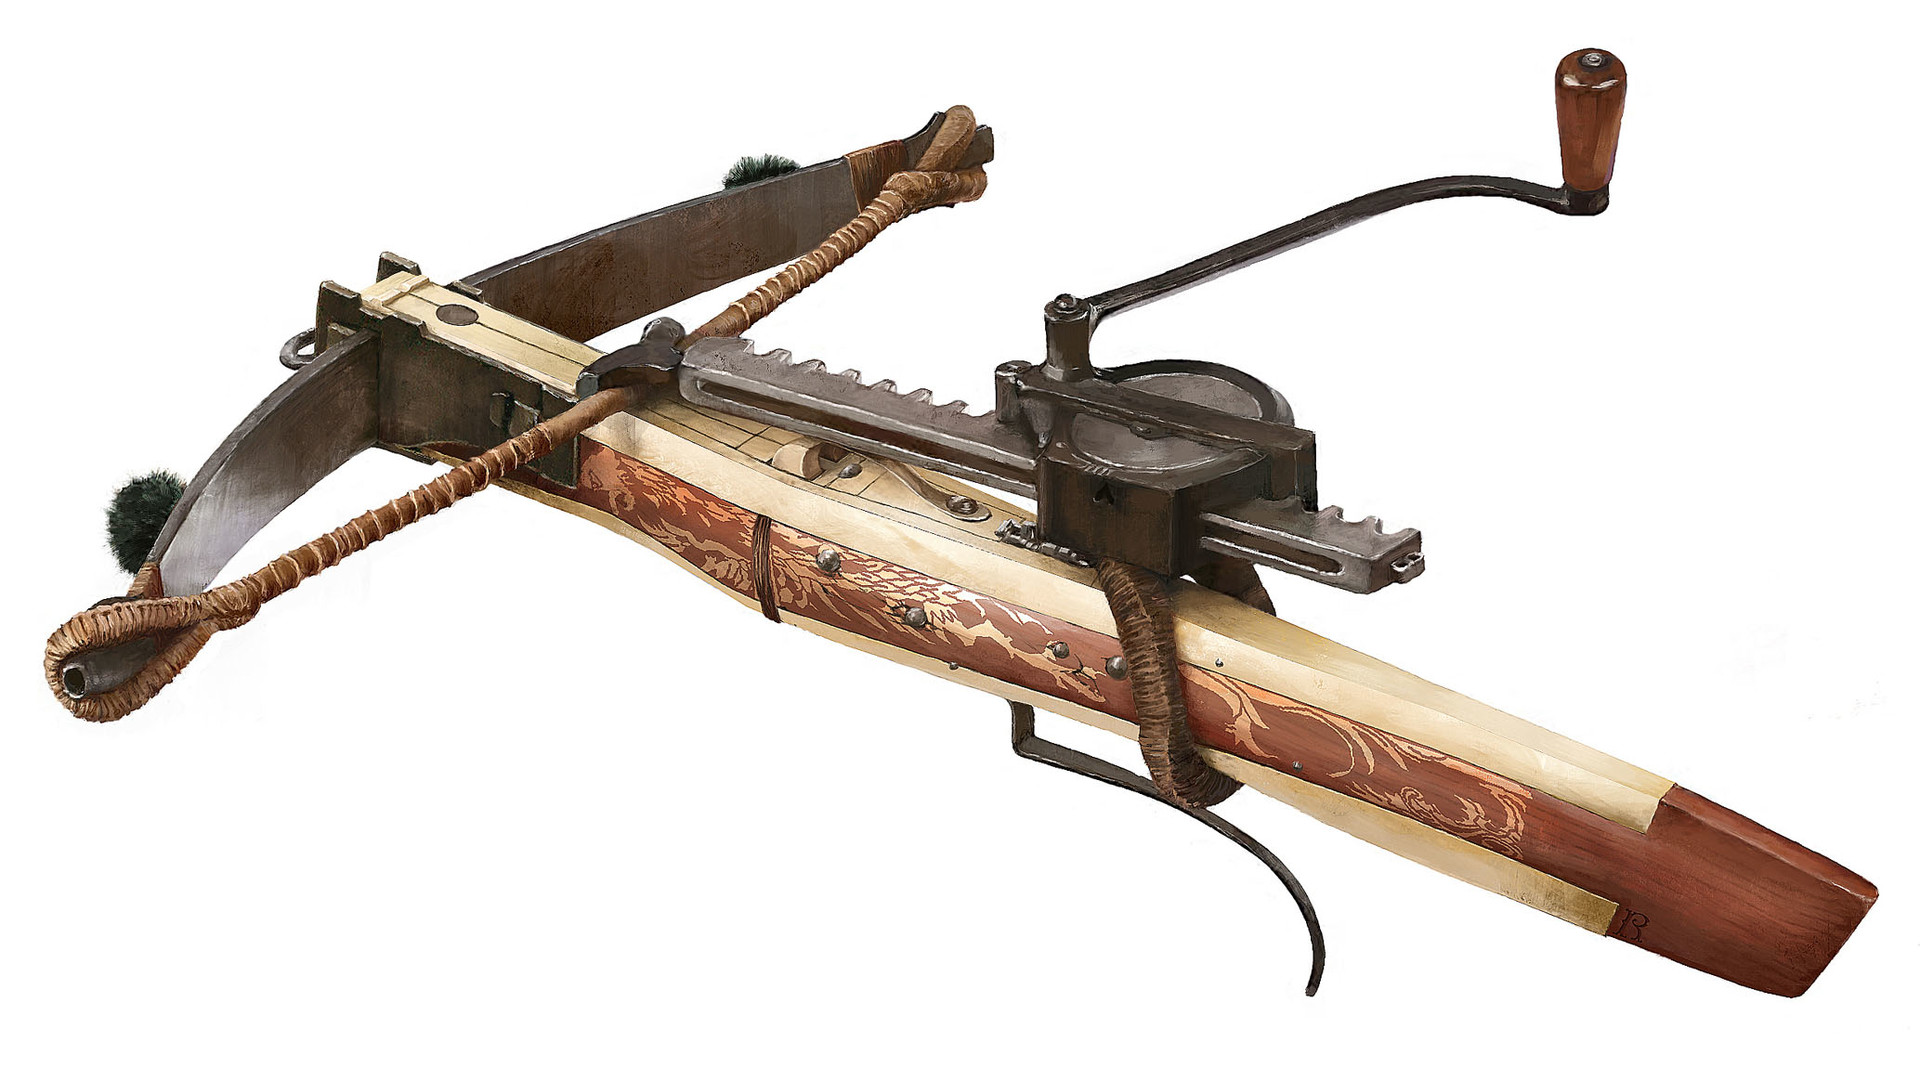 ArtStation - Medieval crossbow reconstruction, Rocío Espín Piñar